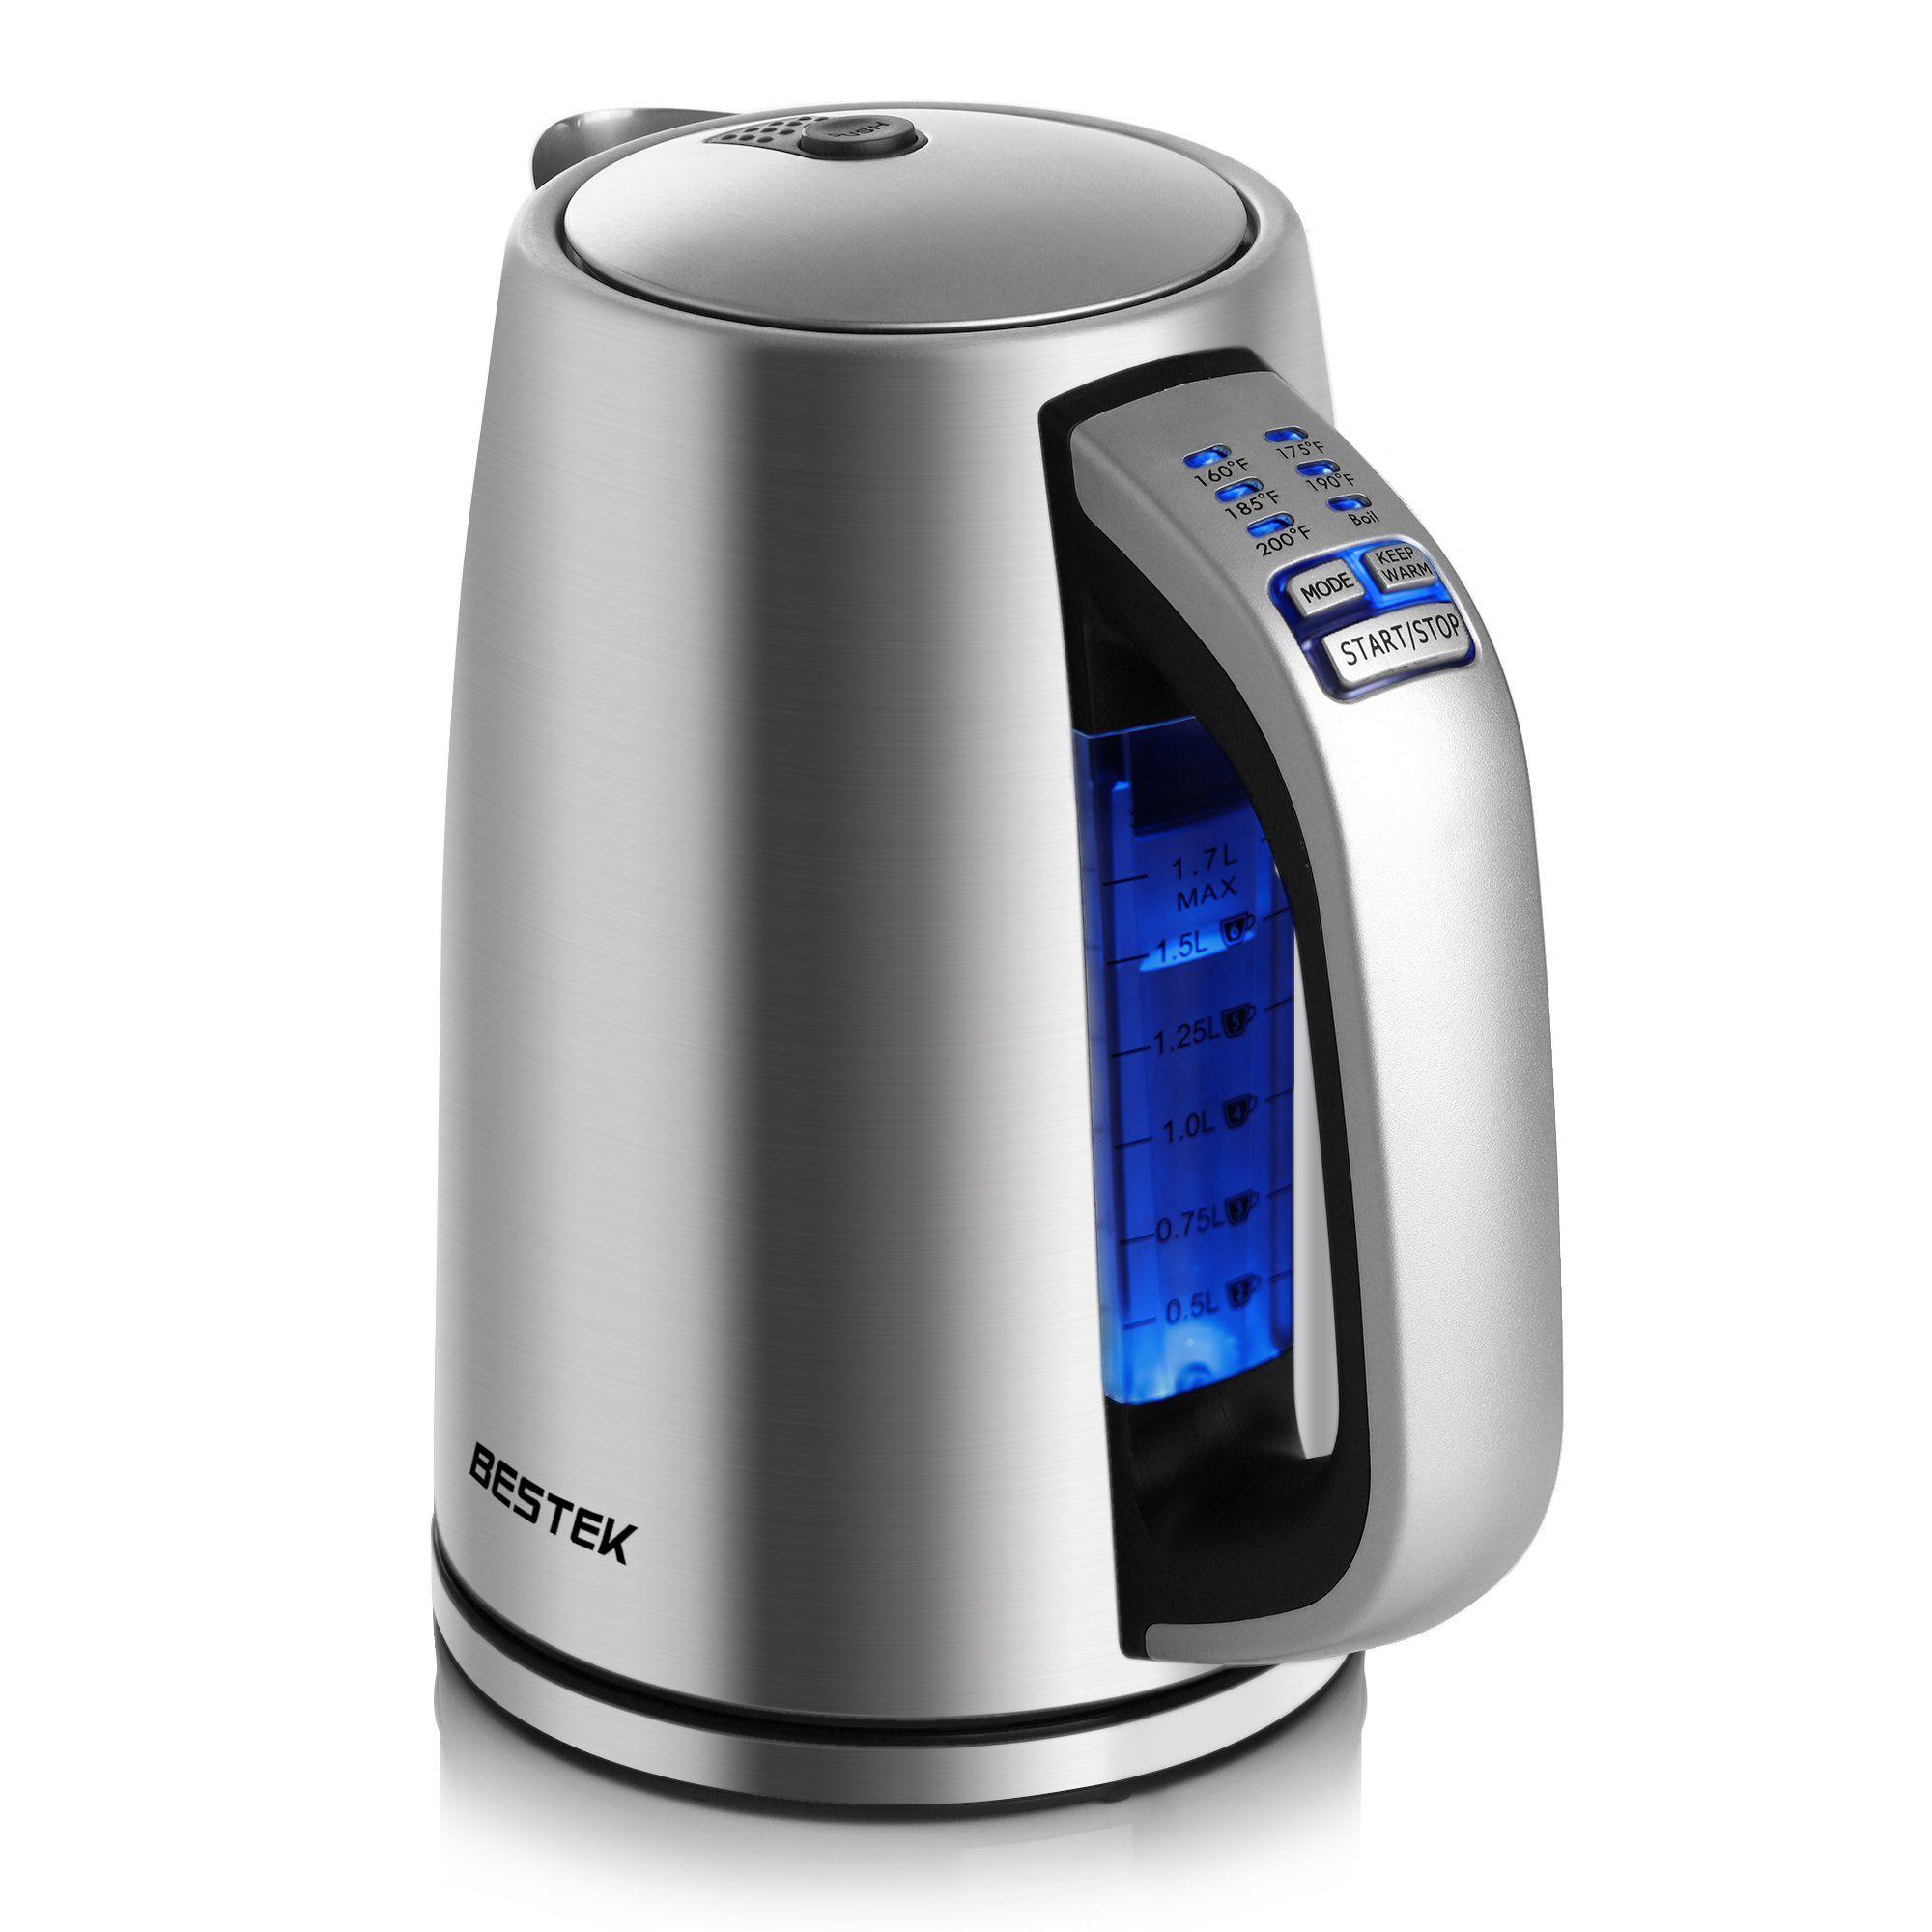 bestek electric kettle 1 7l stainless steel water boiler adjustable